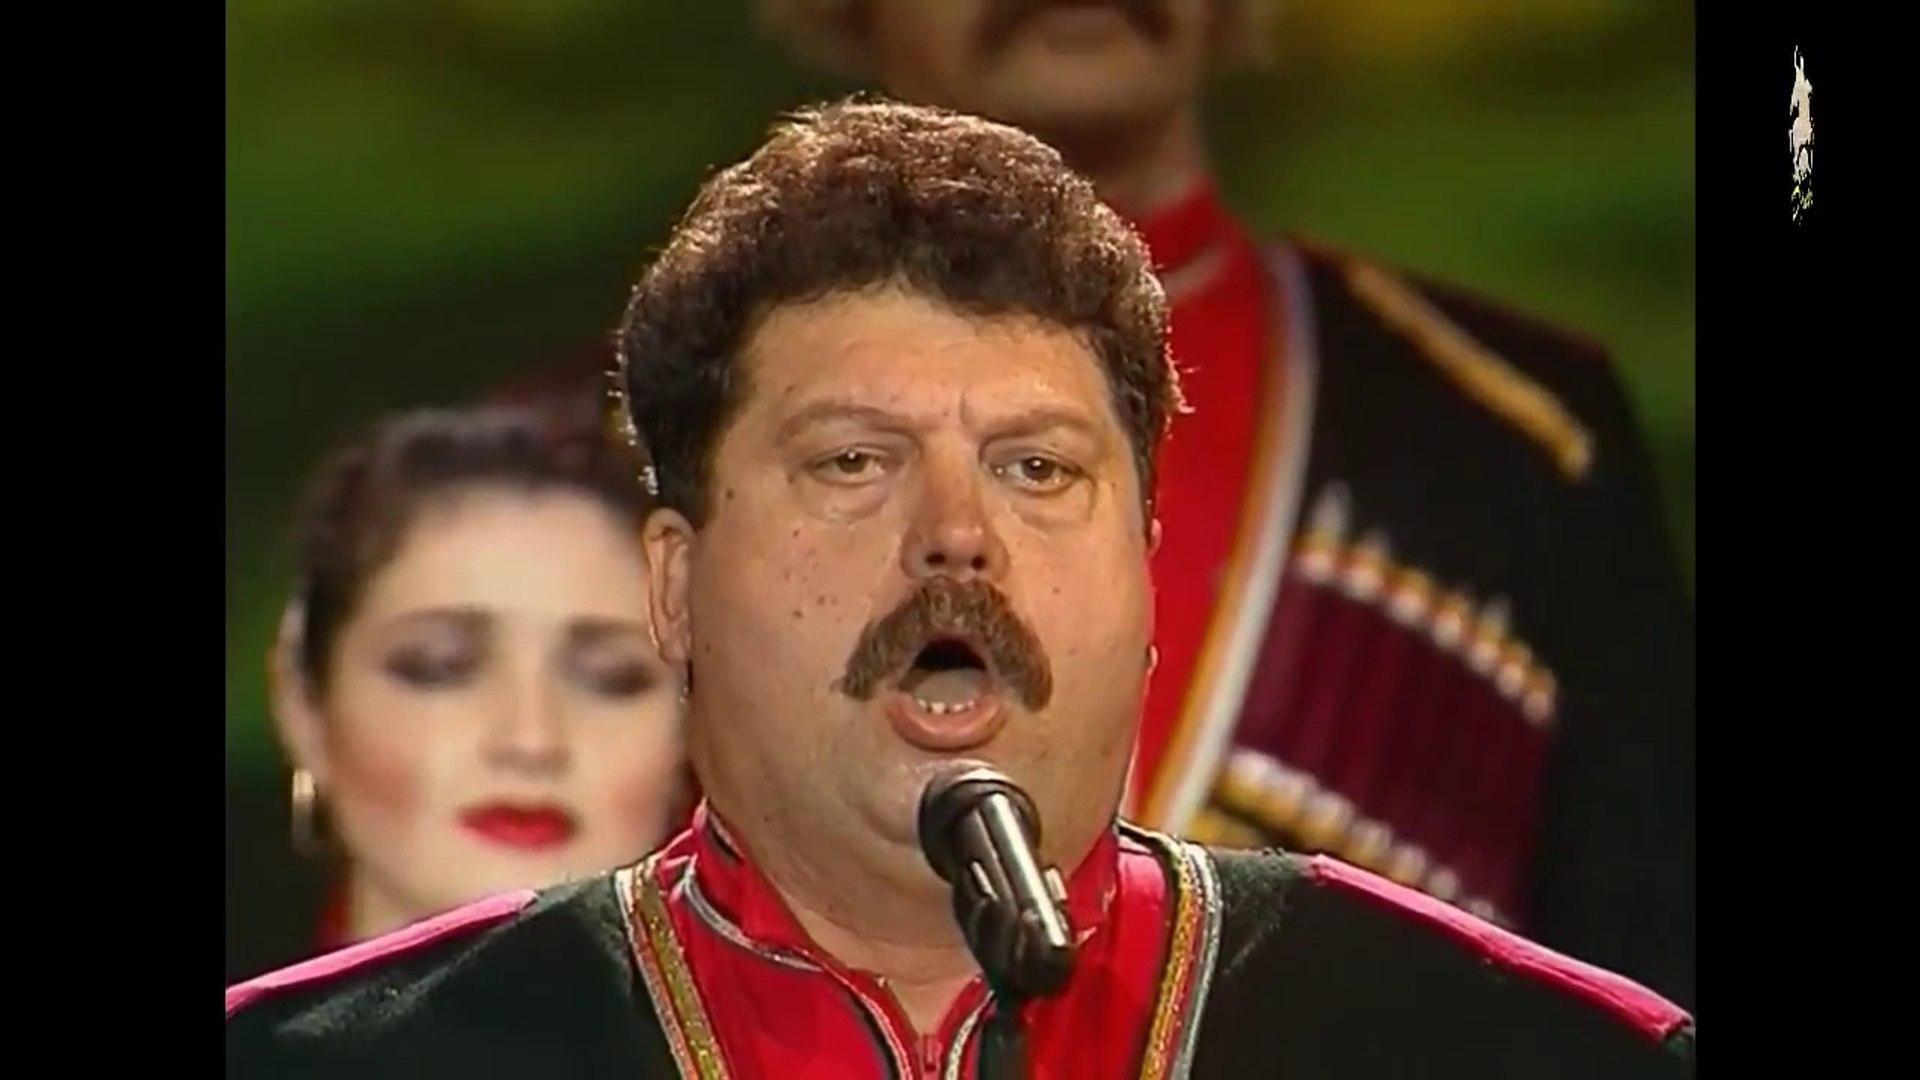 Мы с тобой казаки - Concert of the Kuban Cossack Choir (2004) - Part 1